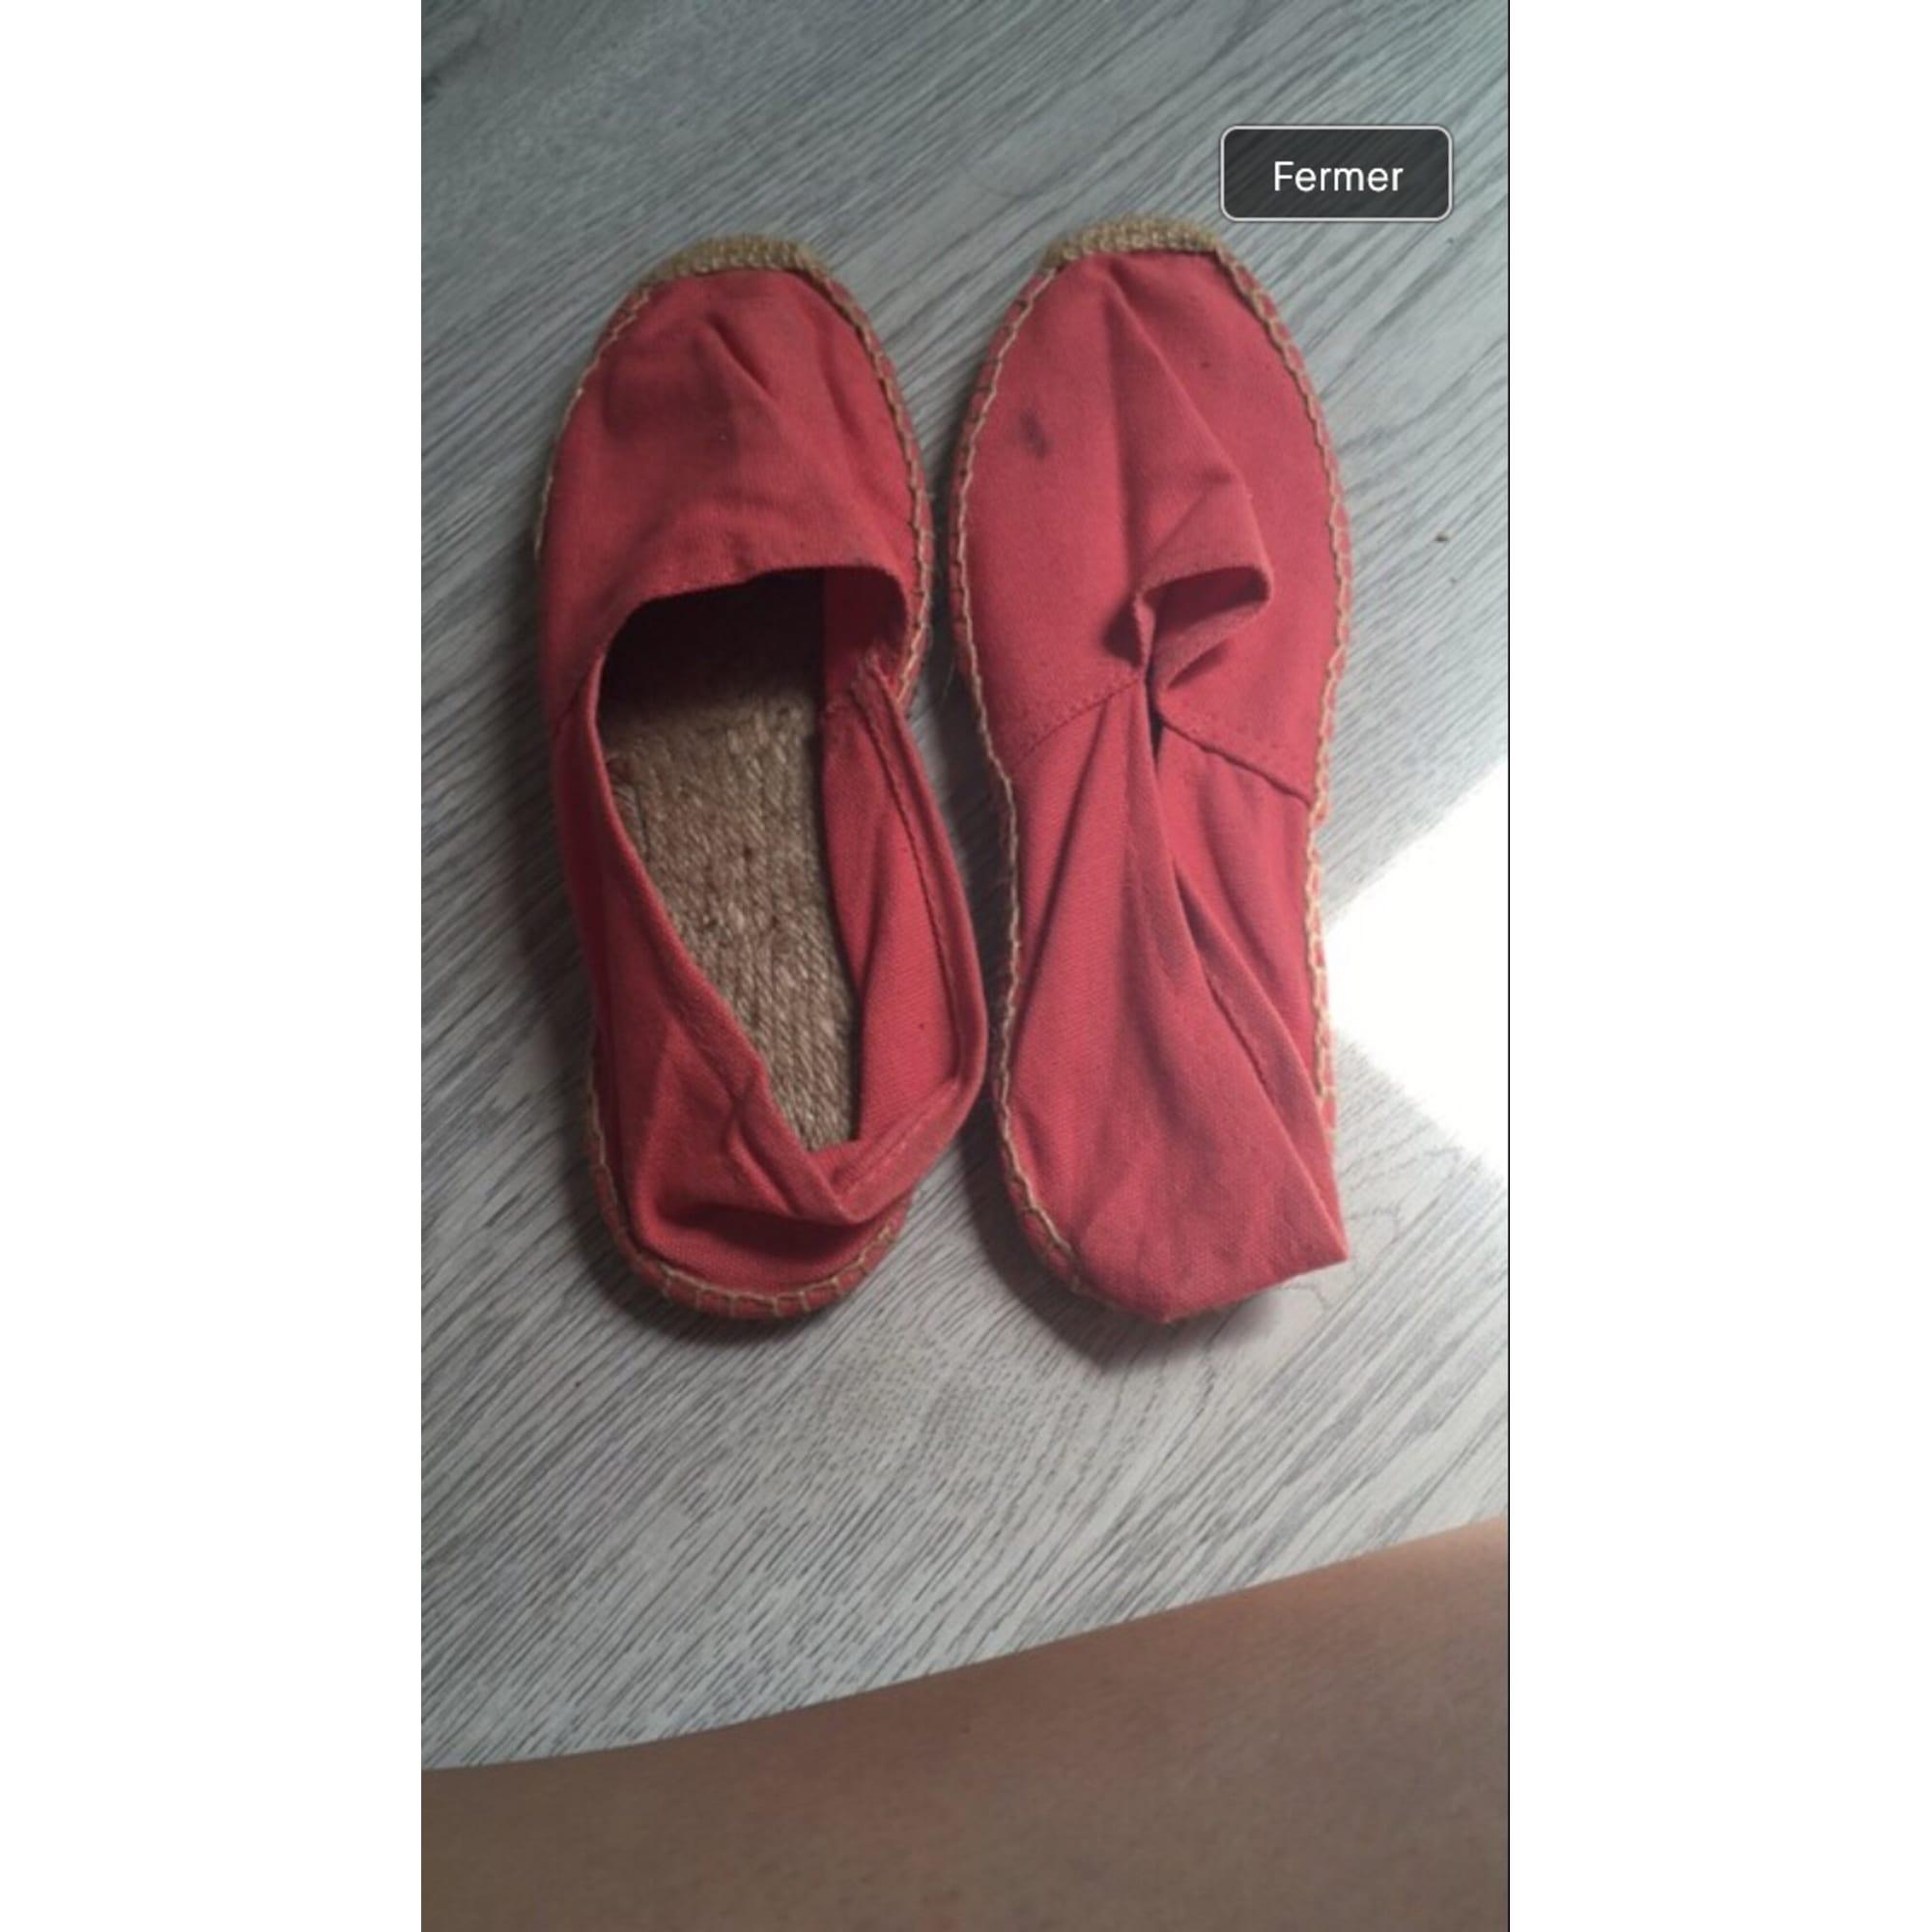 chaussure leclerc adidas femme chaussure leclerc sport adidas femme qUMVpSz